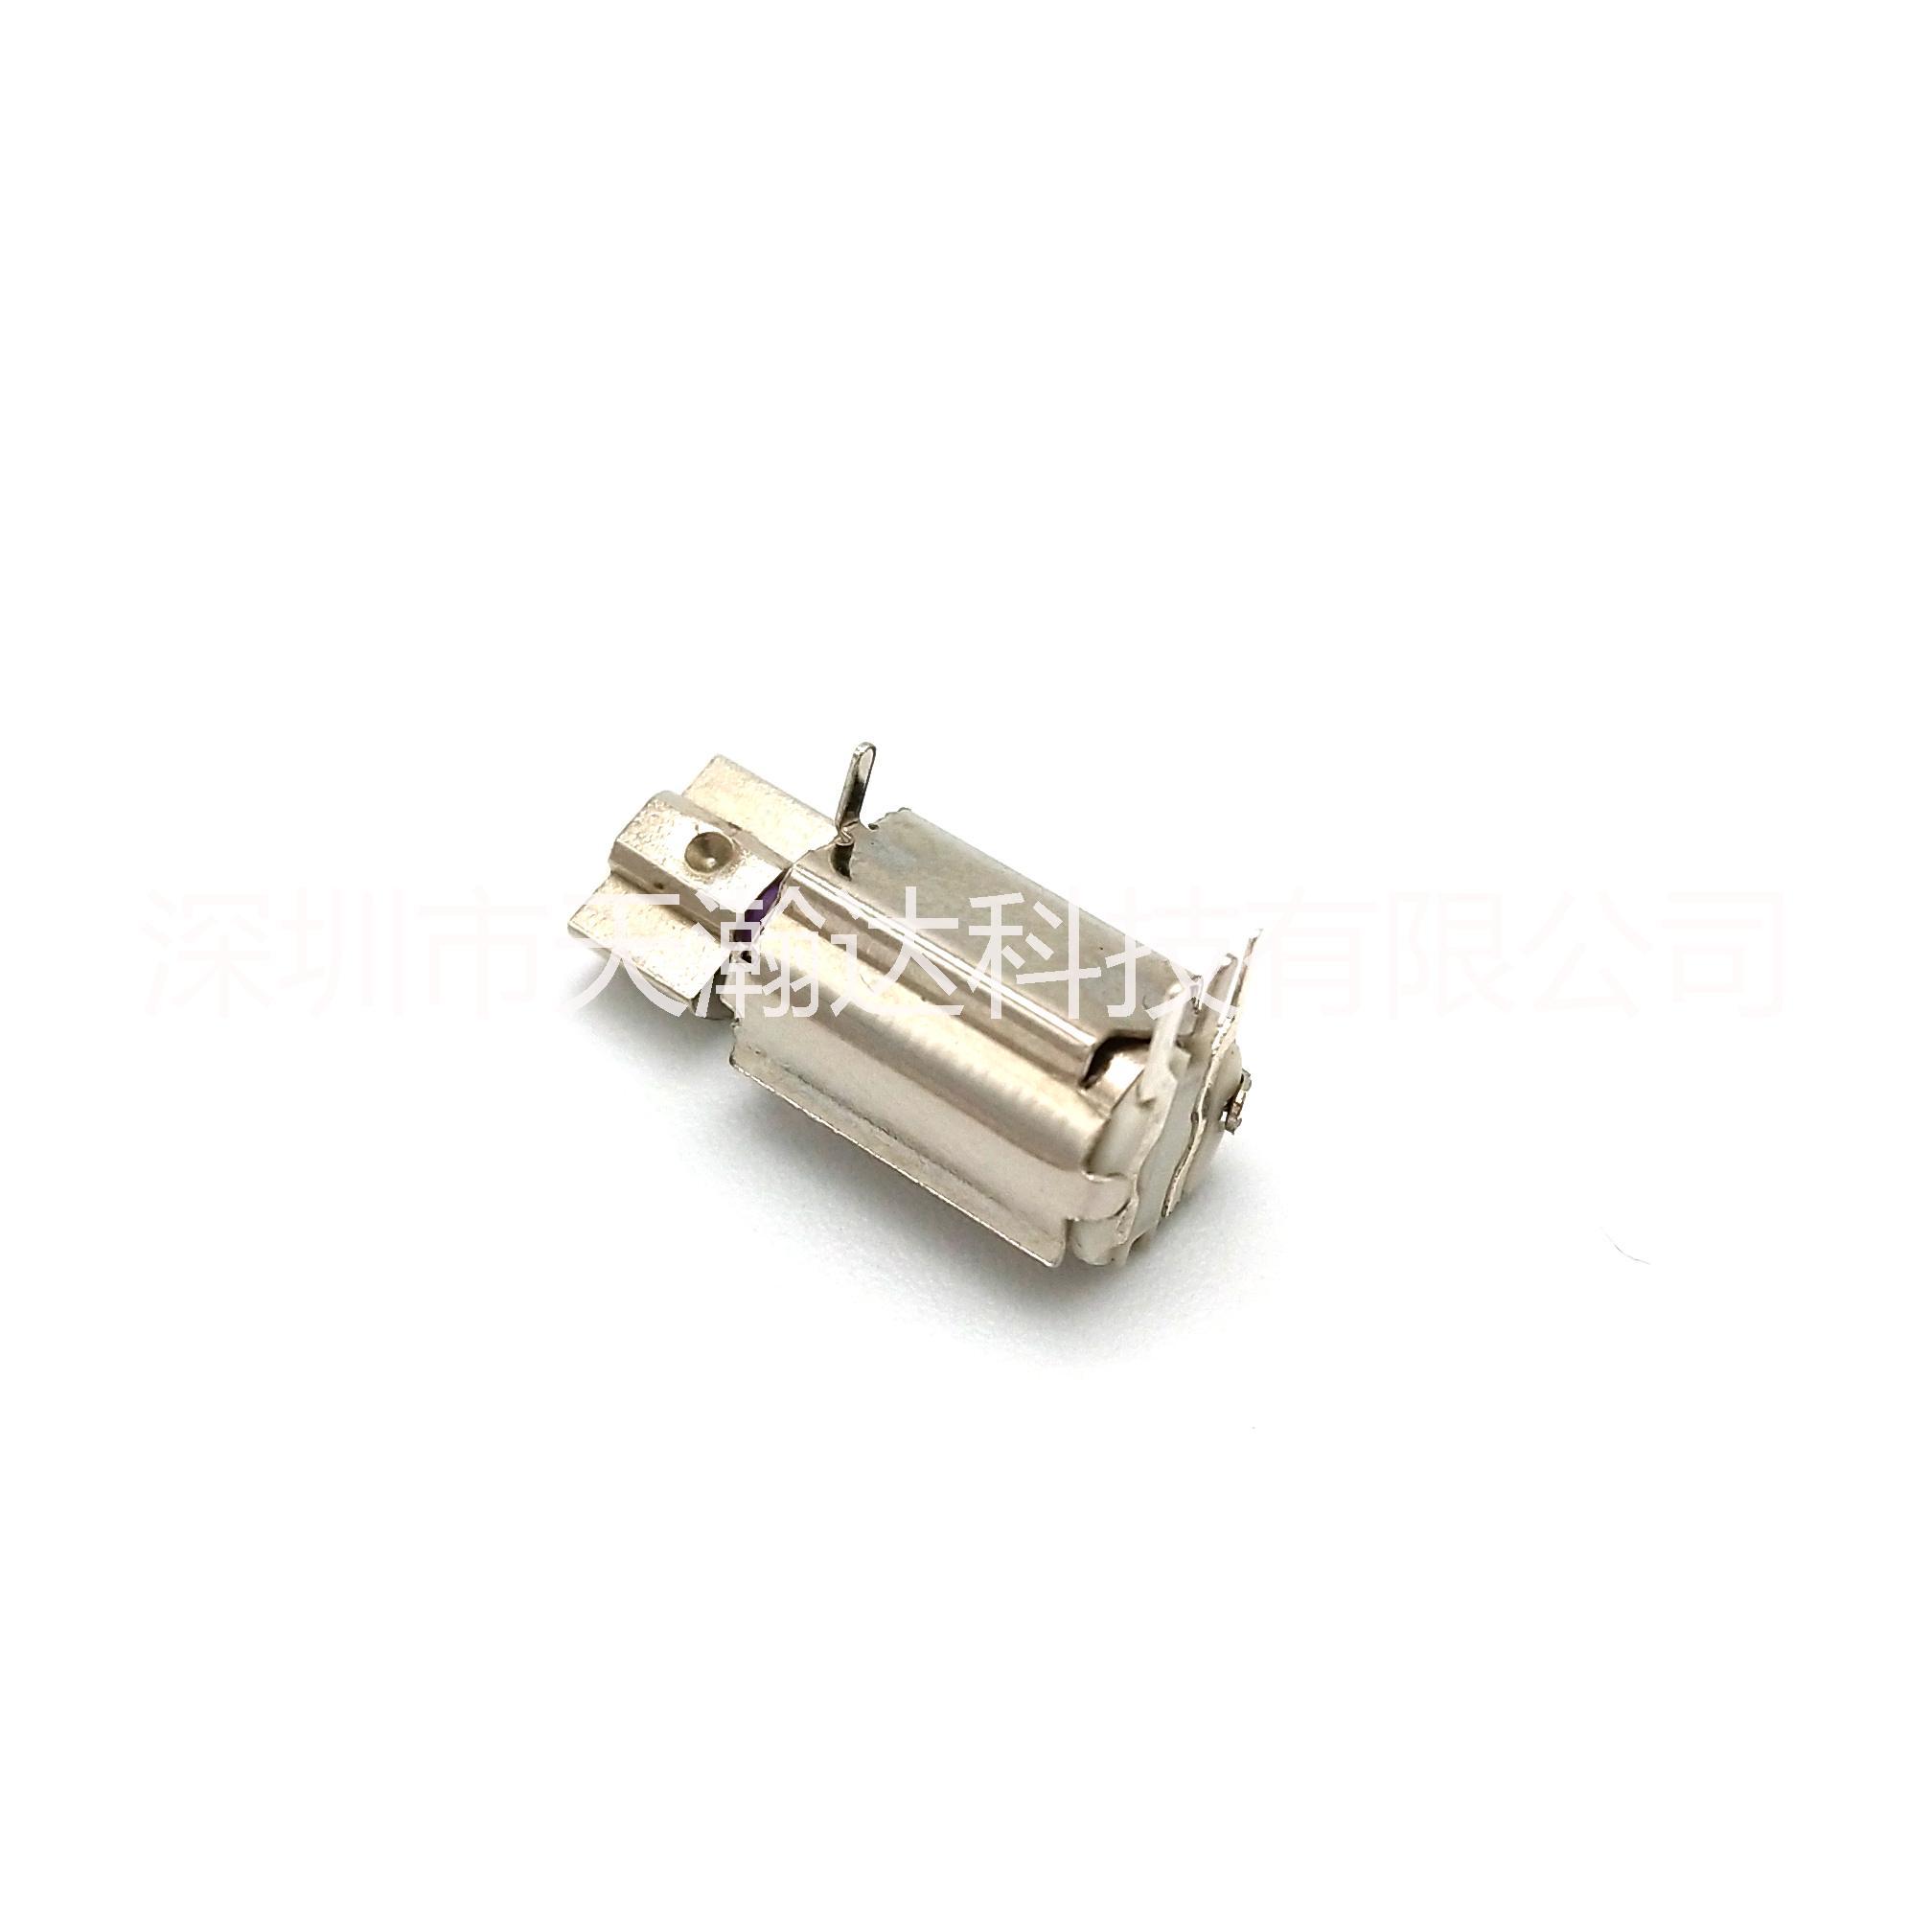 610空心杯电机 训狗器马达 空心杯马达  止吠器马达 电动牙刷马达 按摩仪马达